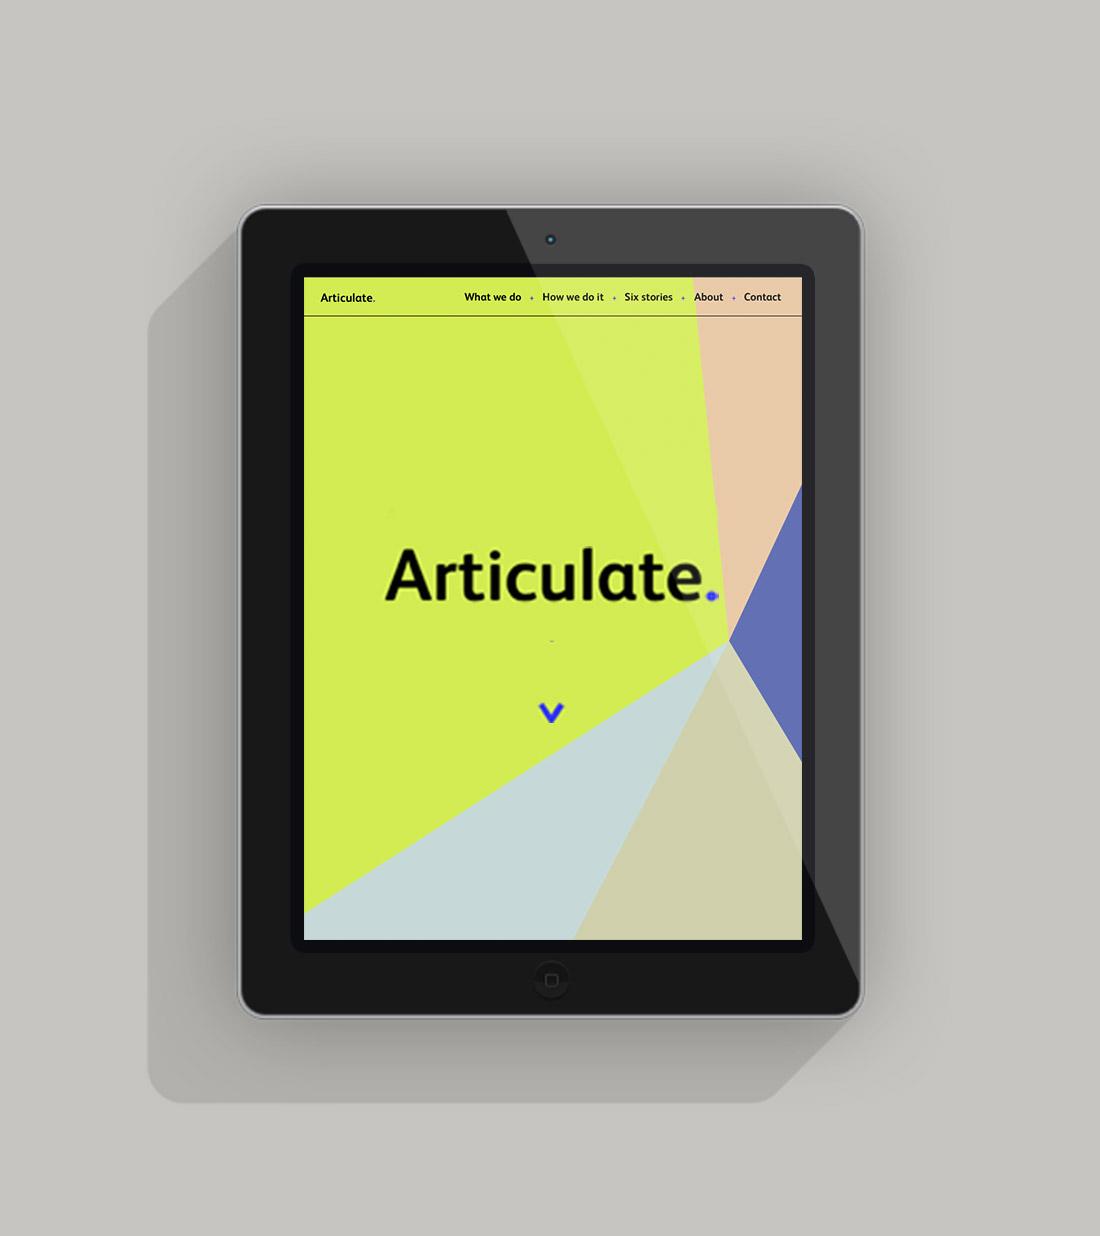 Articulate-IPAD